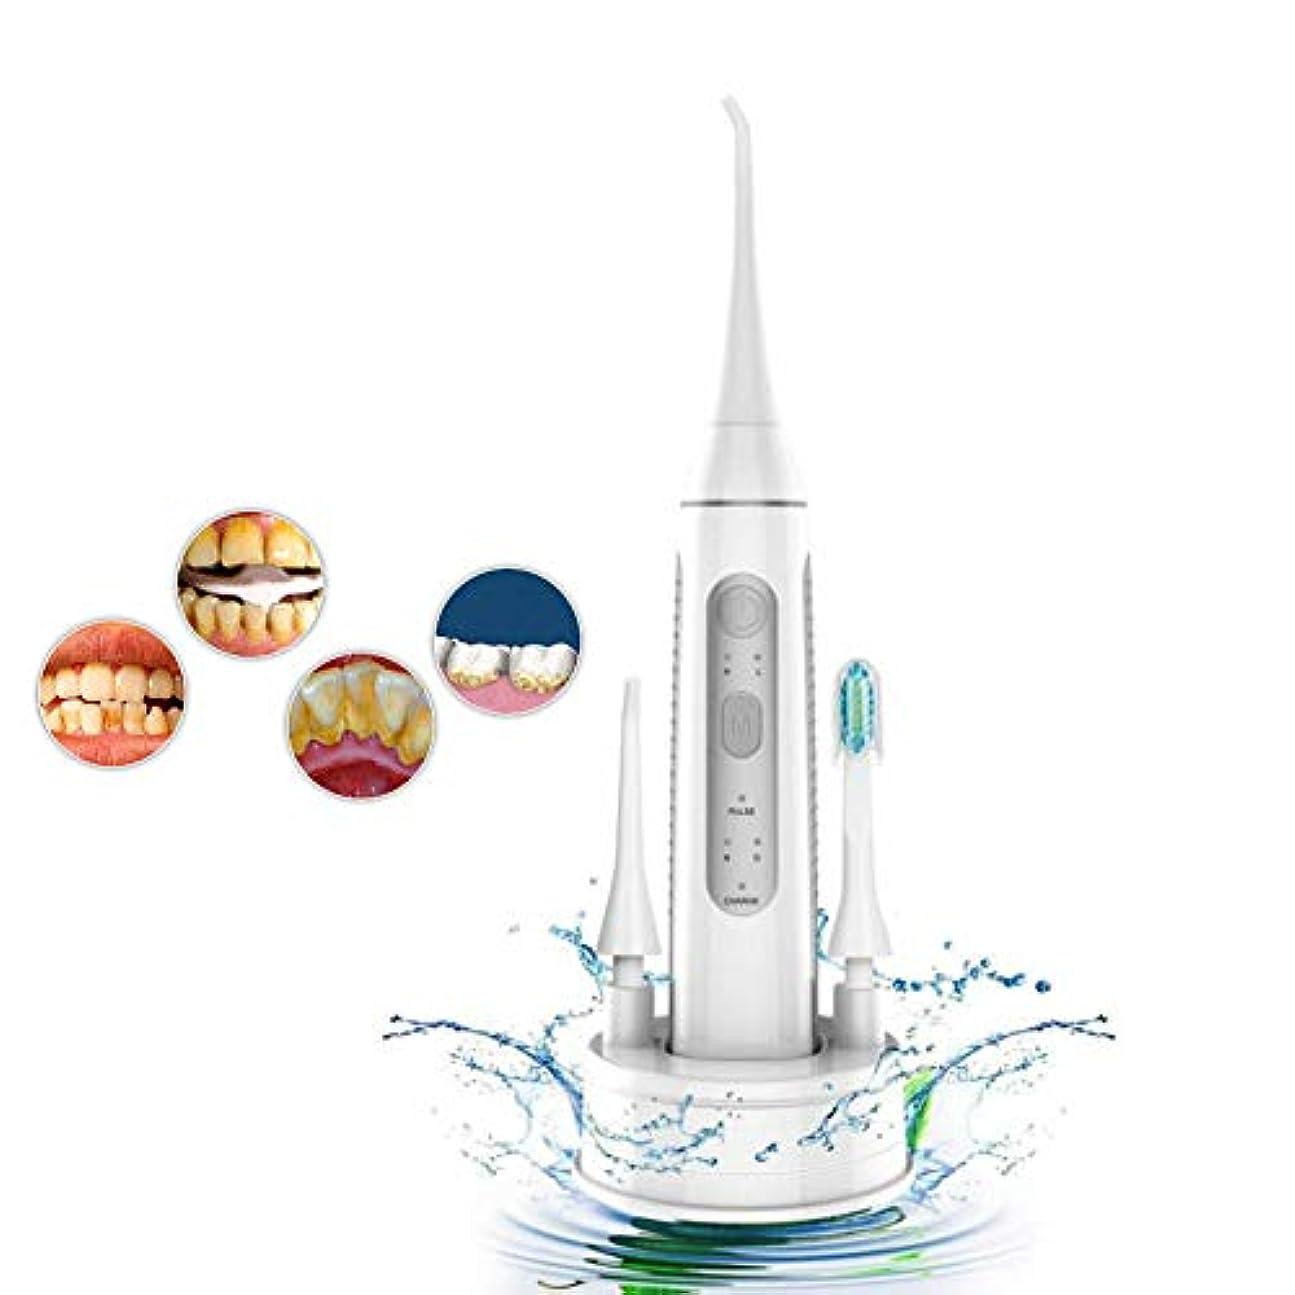 適合する文献反対に超音波電動歯サーファー、2 in 1口腔ケア歯磨き粉機器ホームポータブルウォーターフロス歯のクリーニング機3モード大人と子供に適して,Gray